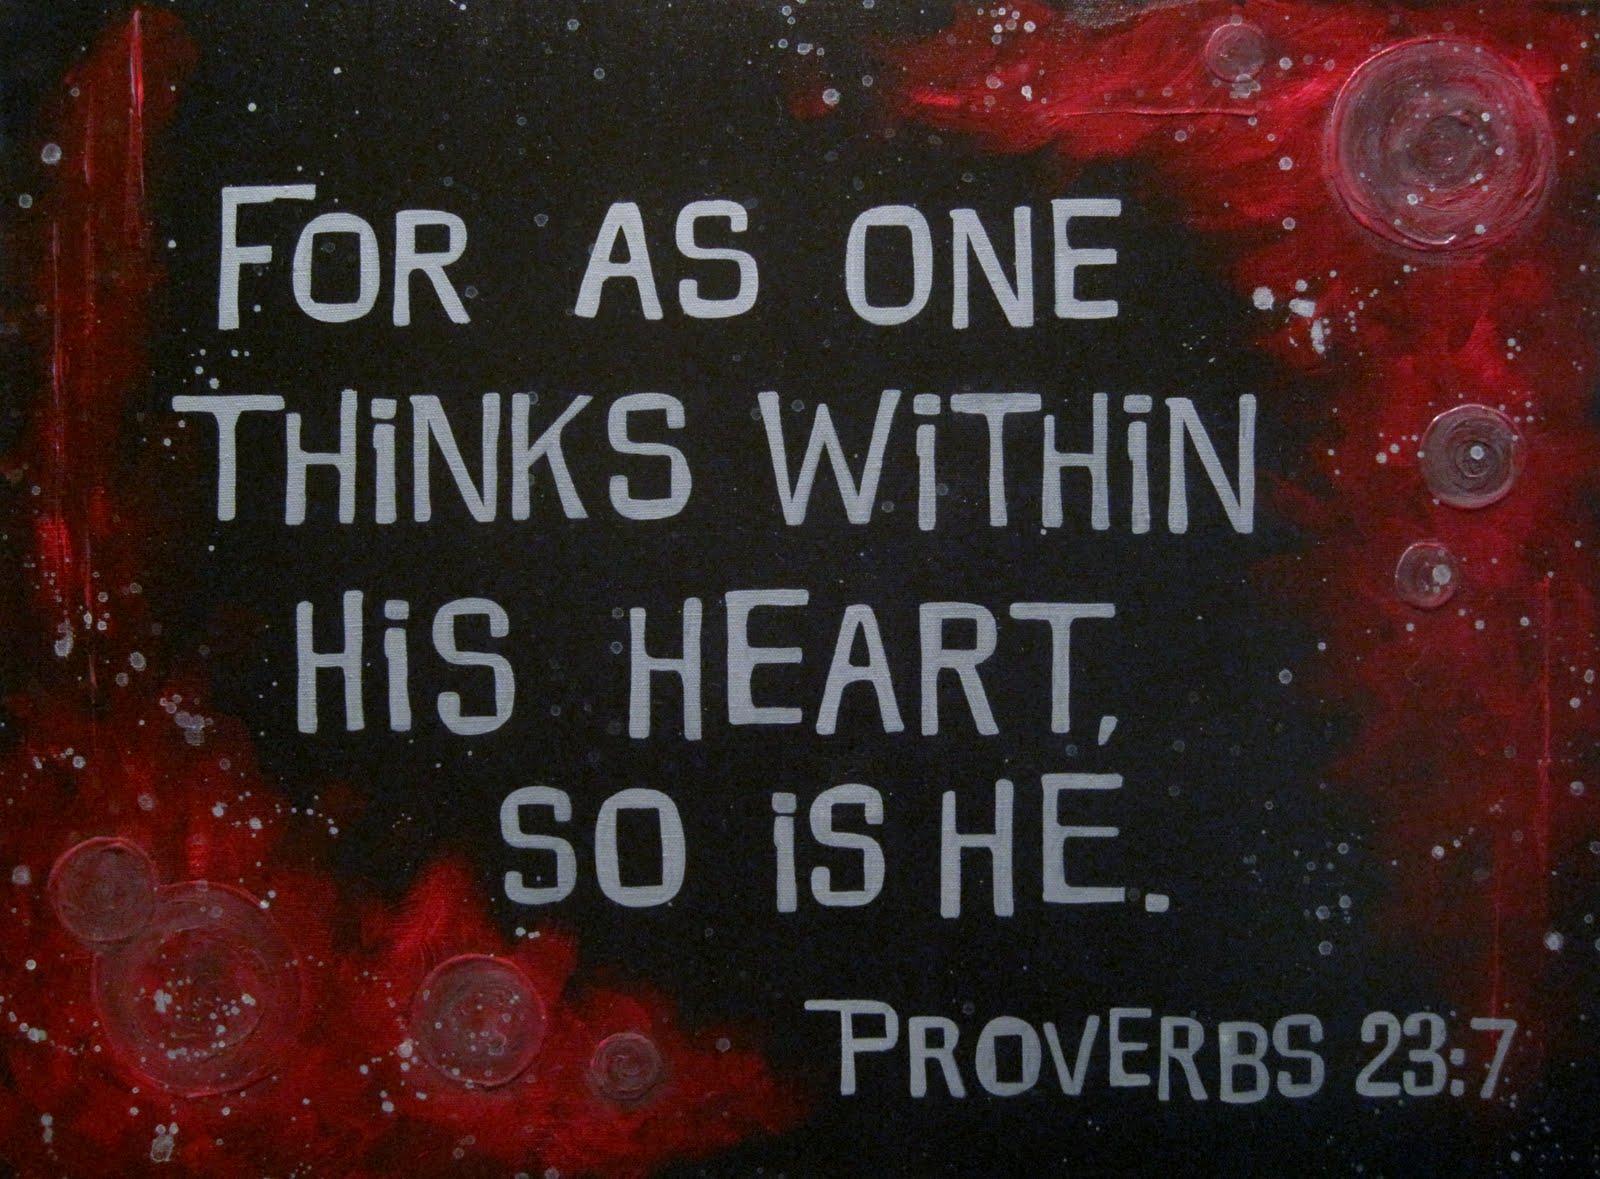 http://2.bp.blogspot.com/-rCSZenH9ss8/T0kFcMivWVI/AAAAAAAAA_E/ajq4OVef5Mk/s1600/proverbs+23+7+red+black.JPG